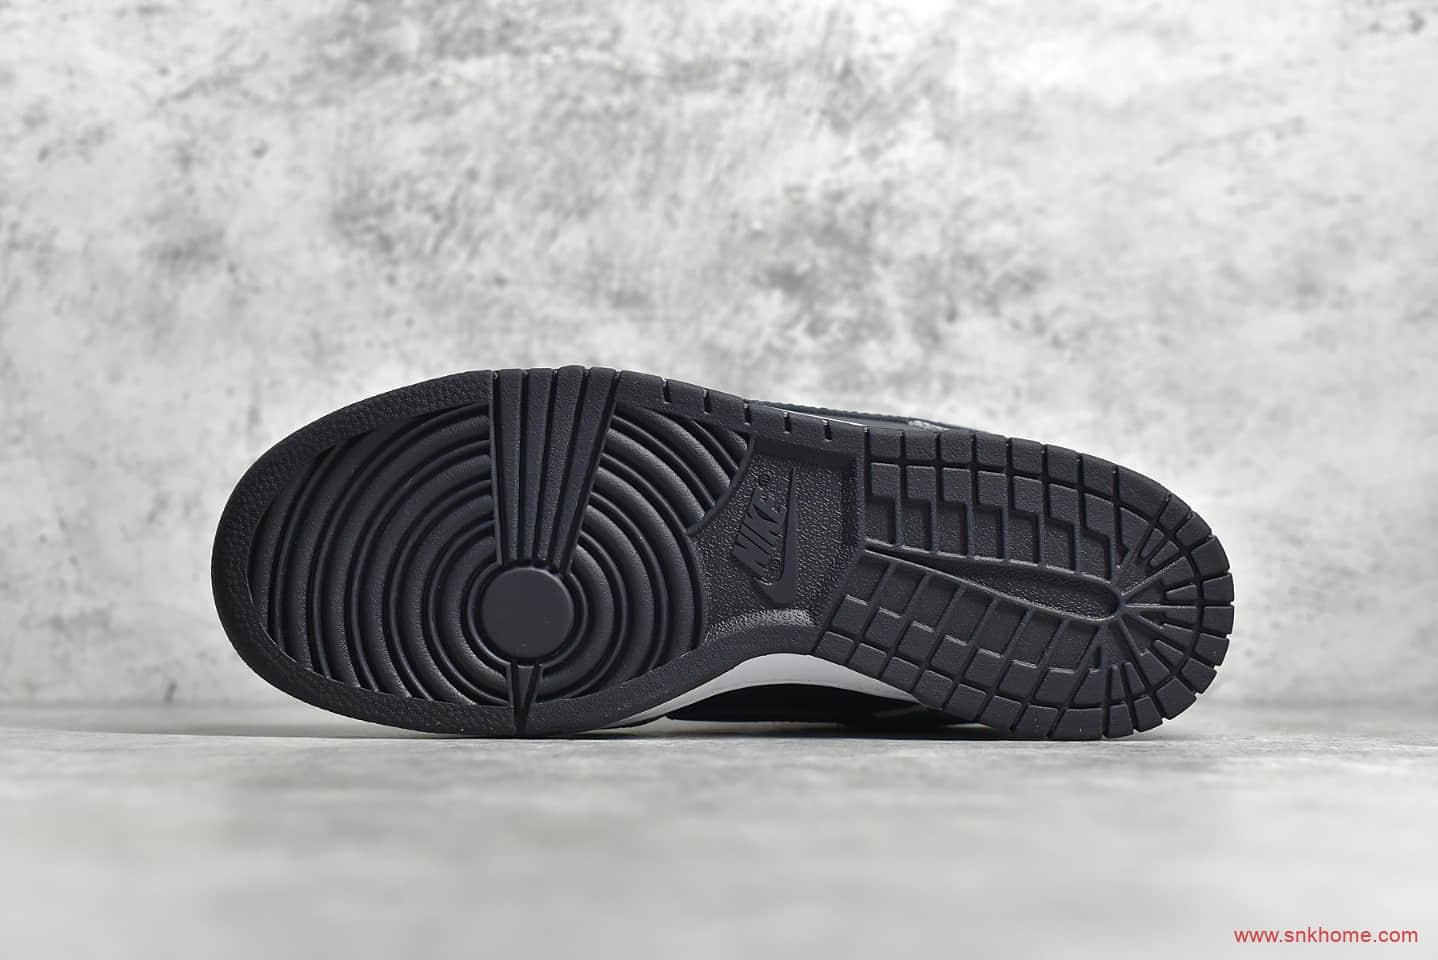 耐克Dunk SB黑水泥爆裂纹 Superme ×NIKE Dunk SB Low NYC 耐克黑色低帮板鞋 货号:304292-001-潮流者之家